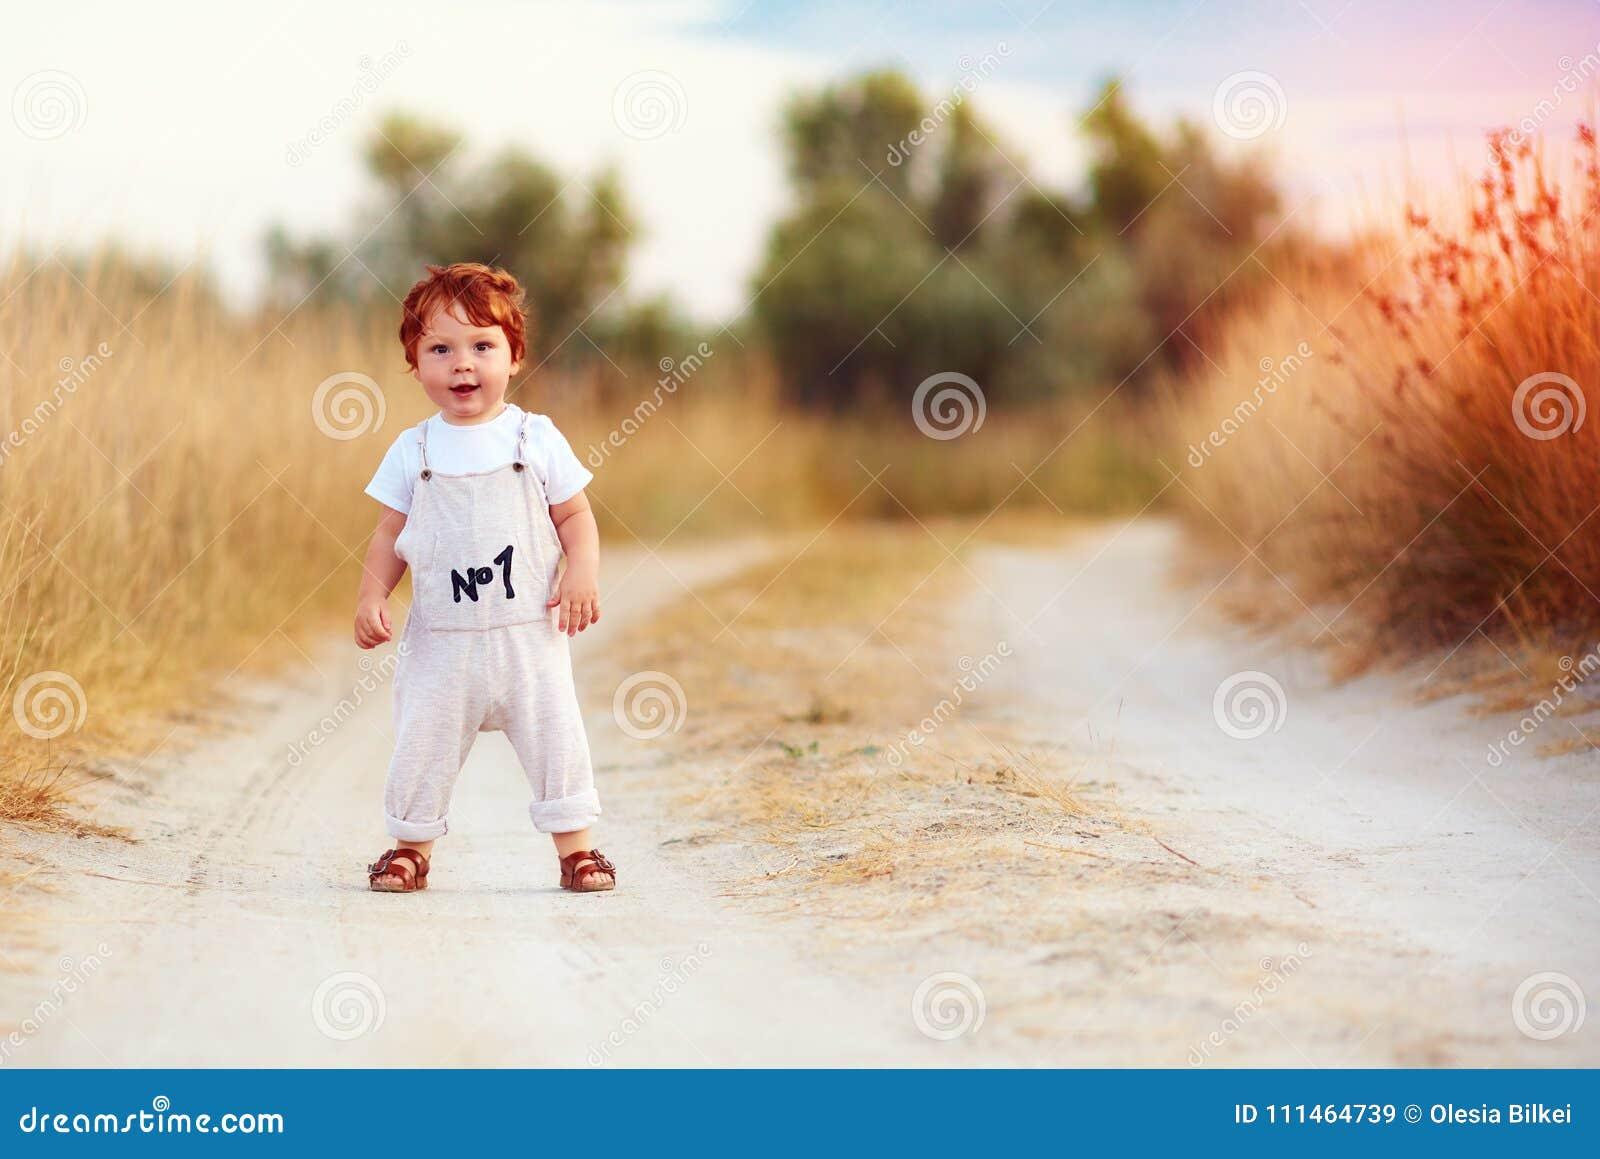 Urocza rudzielec berbecia chłopiec w kombinezonu odprowadzeniu wzdłuż wiejskiej lato drogi w ogorzałym polu